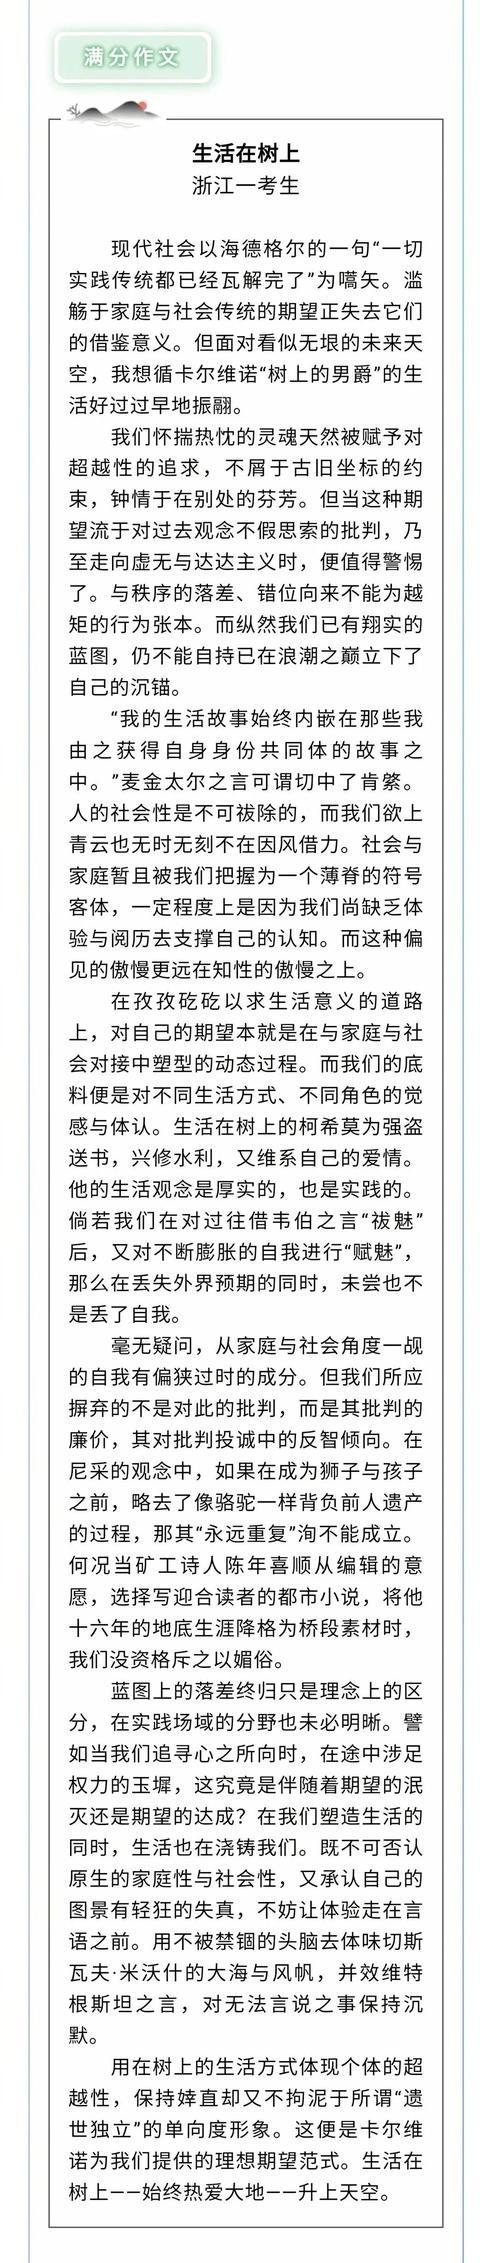 浙江通报:评卷老师陈建新擅自泄露高考生作文答卷